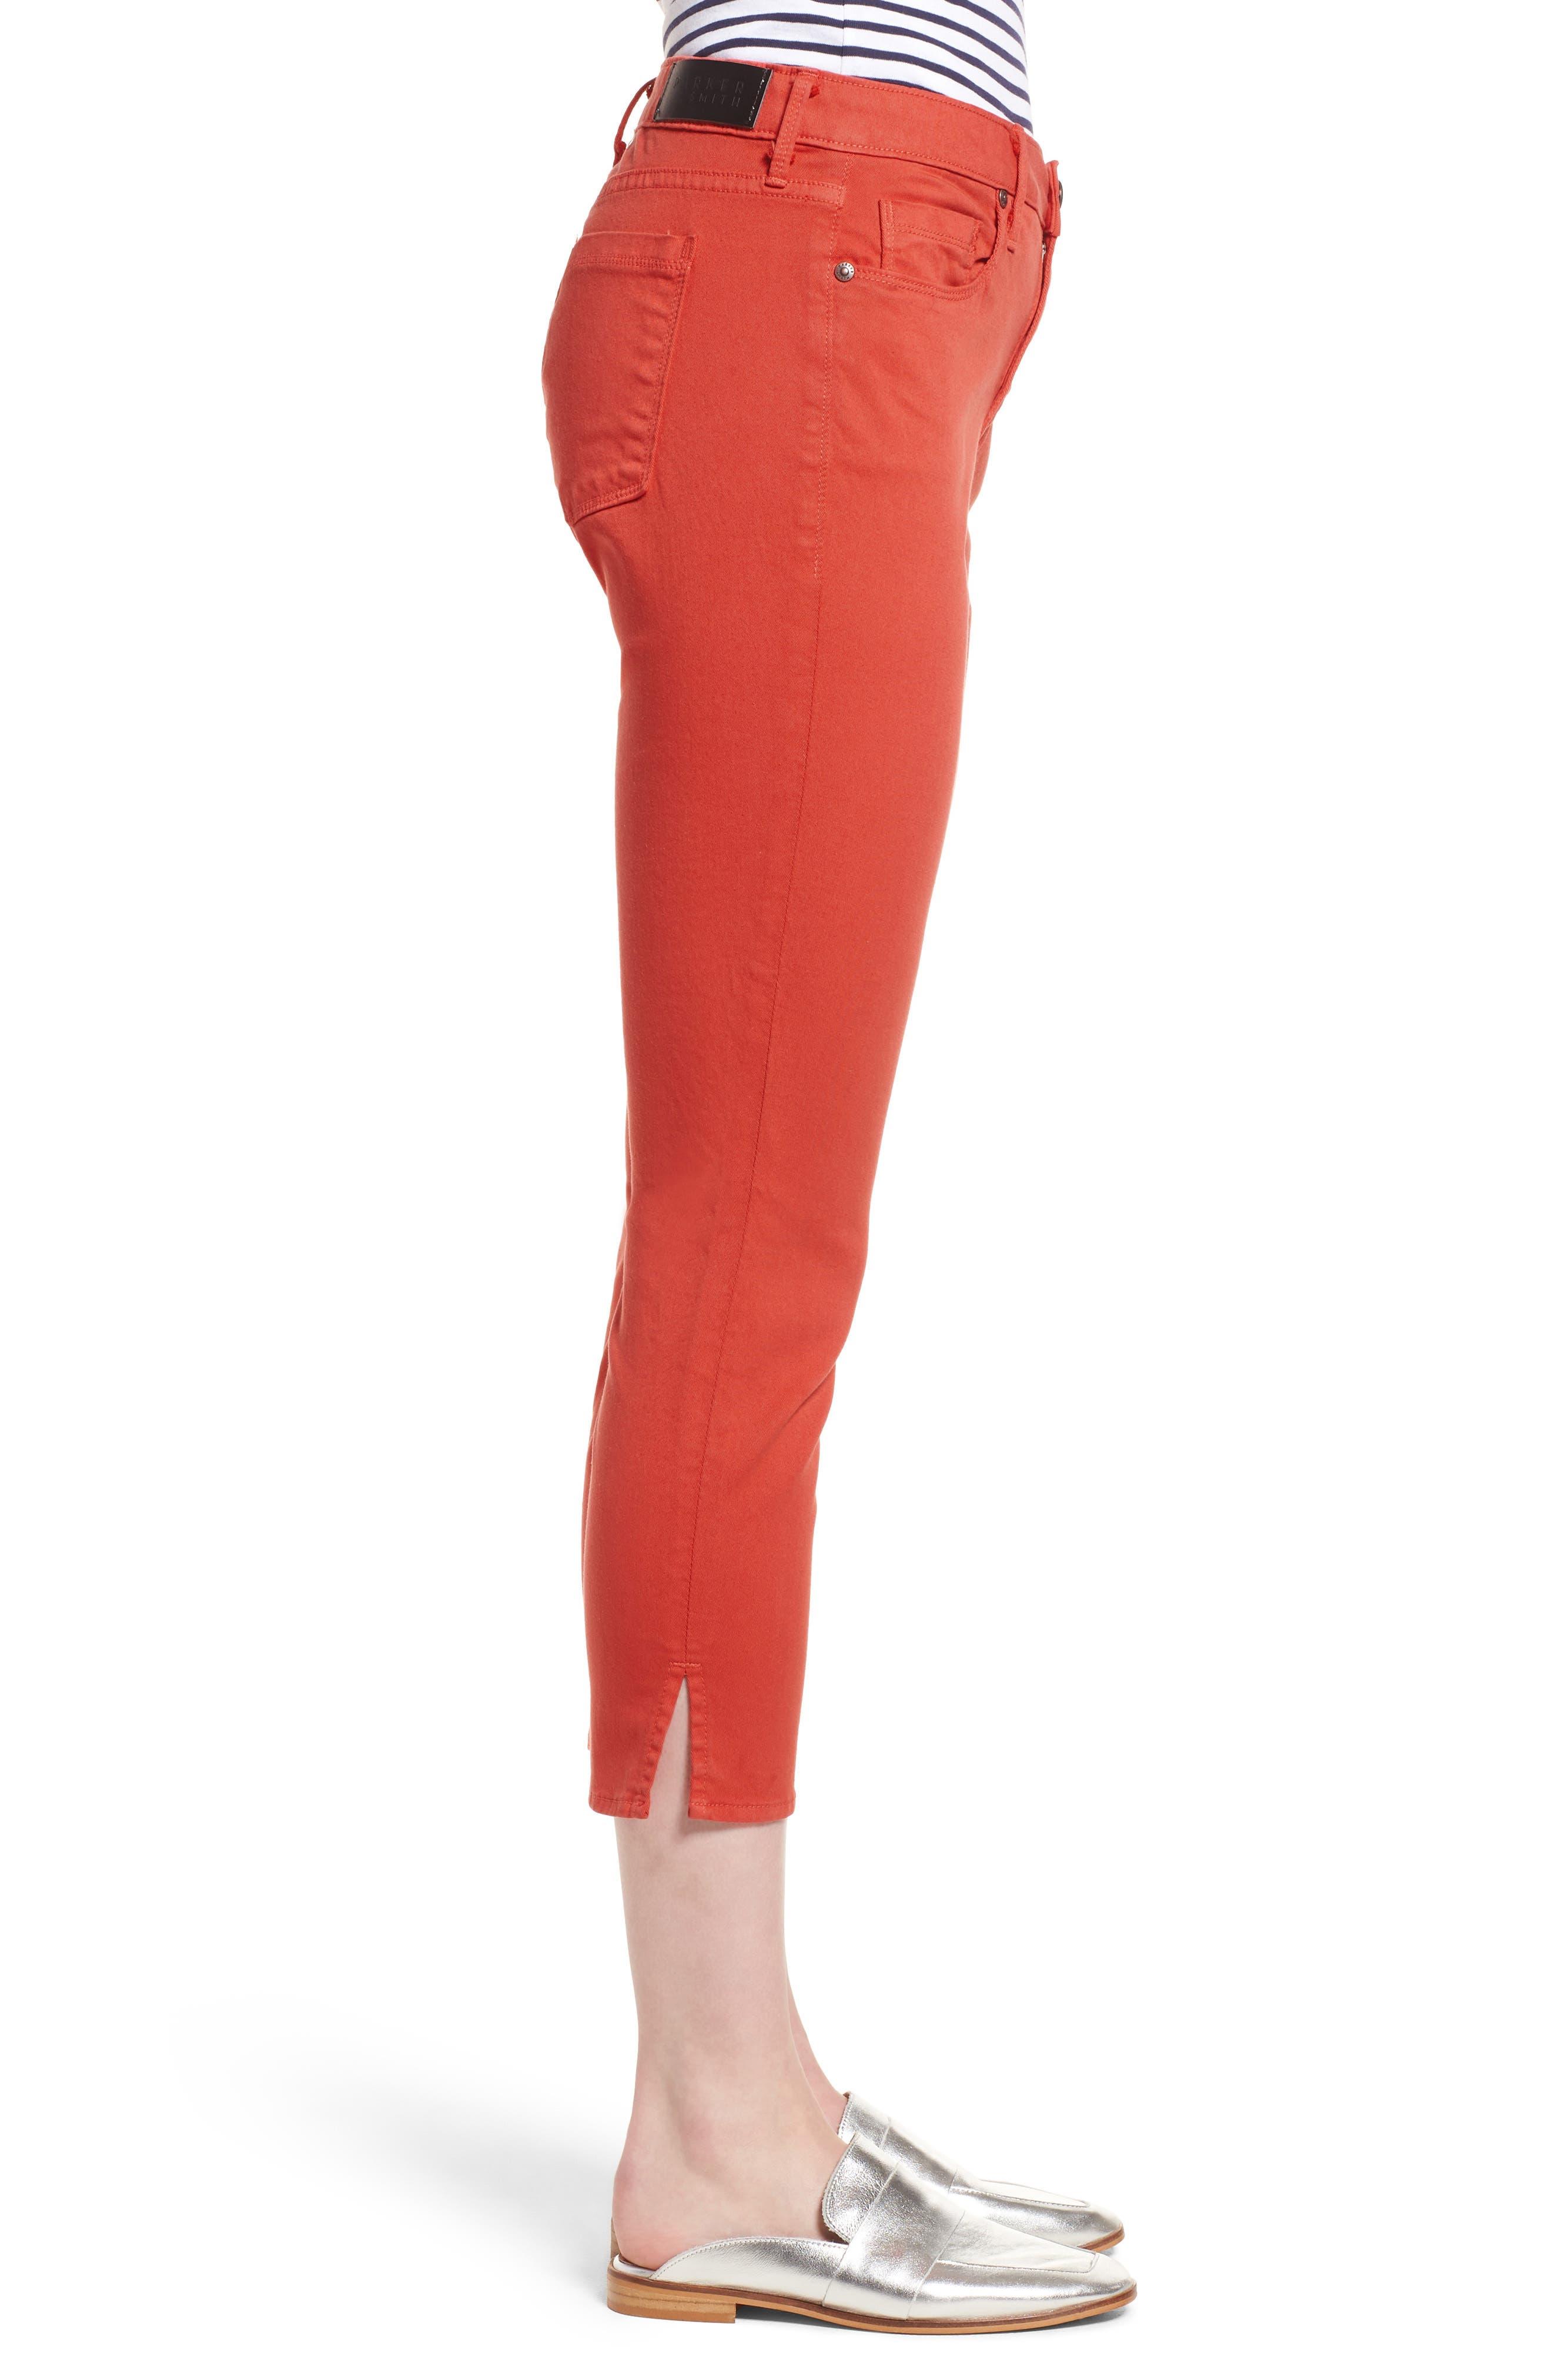 Pedal Pusher Crop Jeans,                             Alternate thumbnail 3, color,                             Sunburst